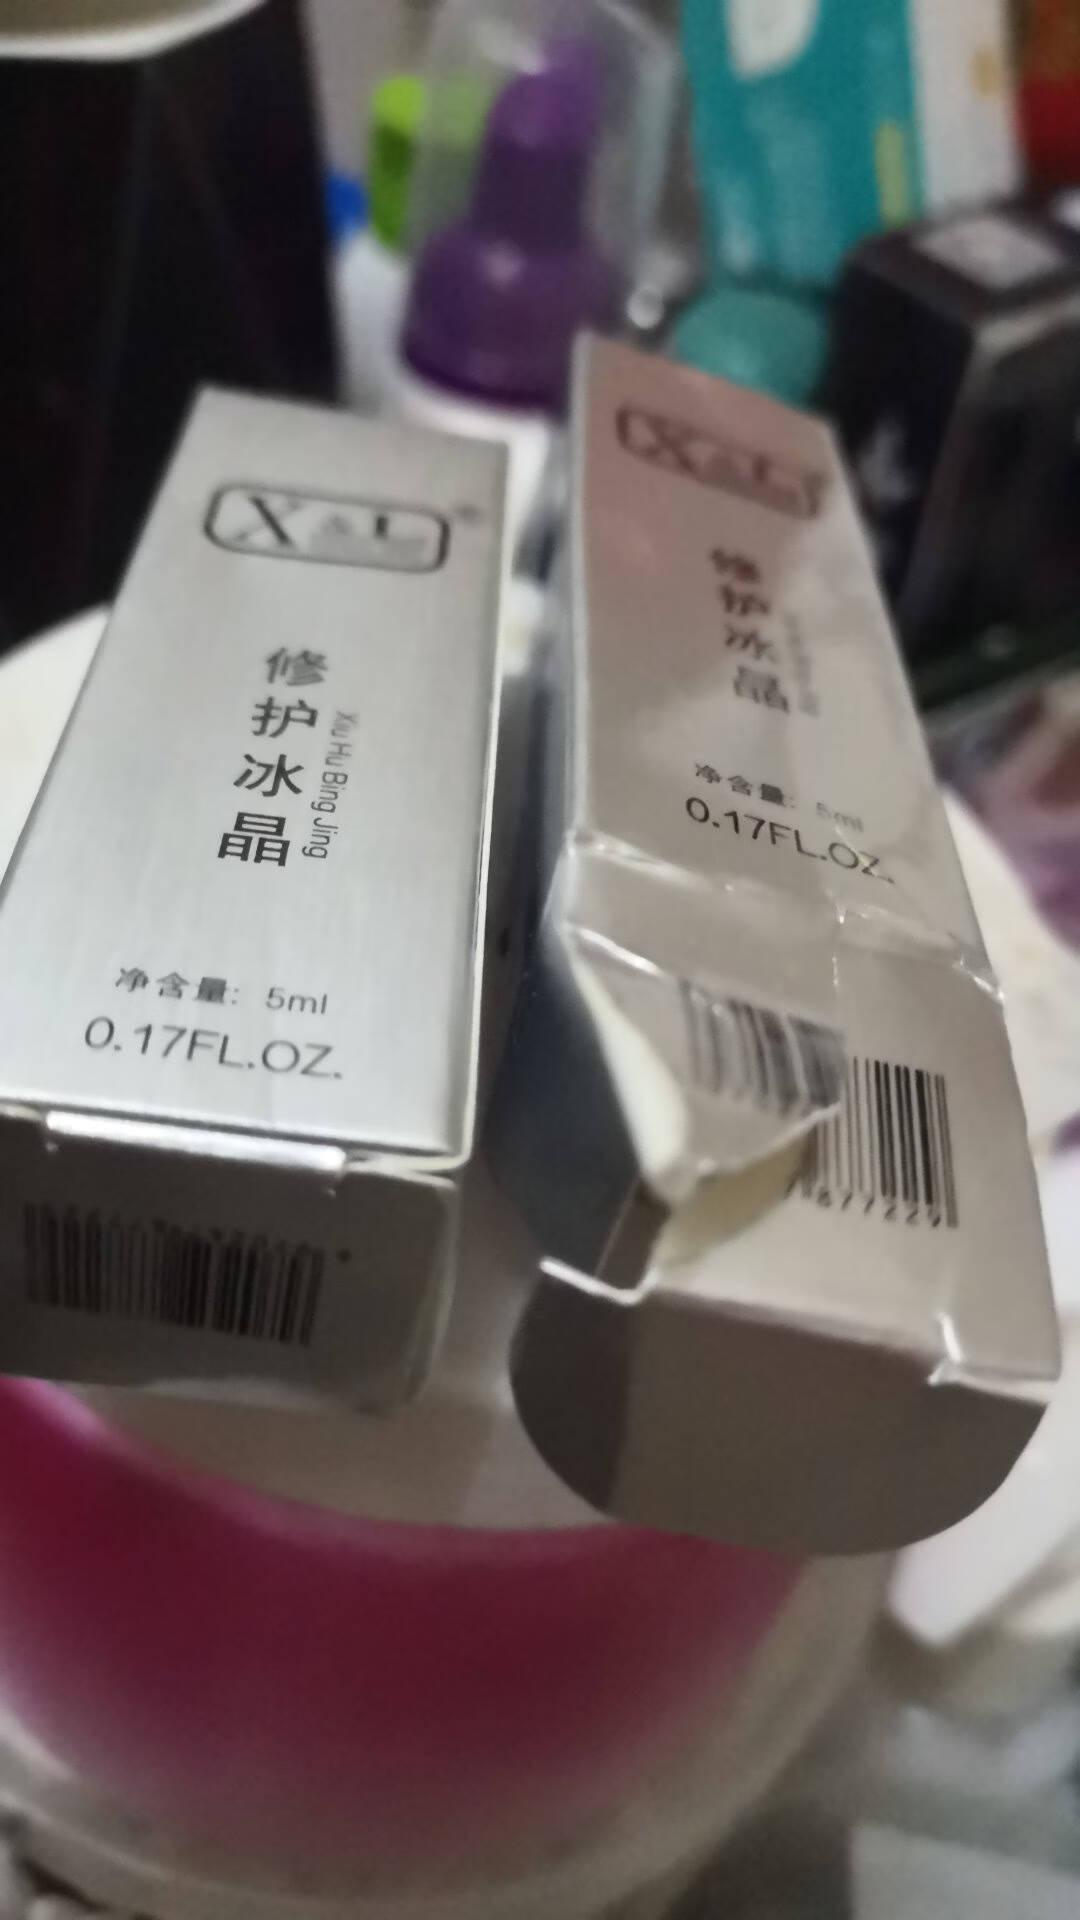 万物之源XL细胞修护冰晶纹绣修护剂纹眉眼唇部精华啫喱修护霜冻干粉修护套盒XL修护冰晶